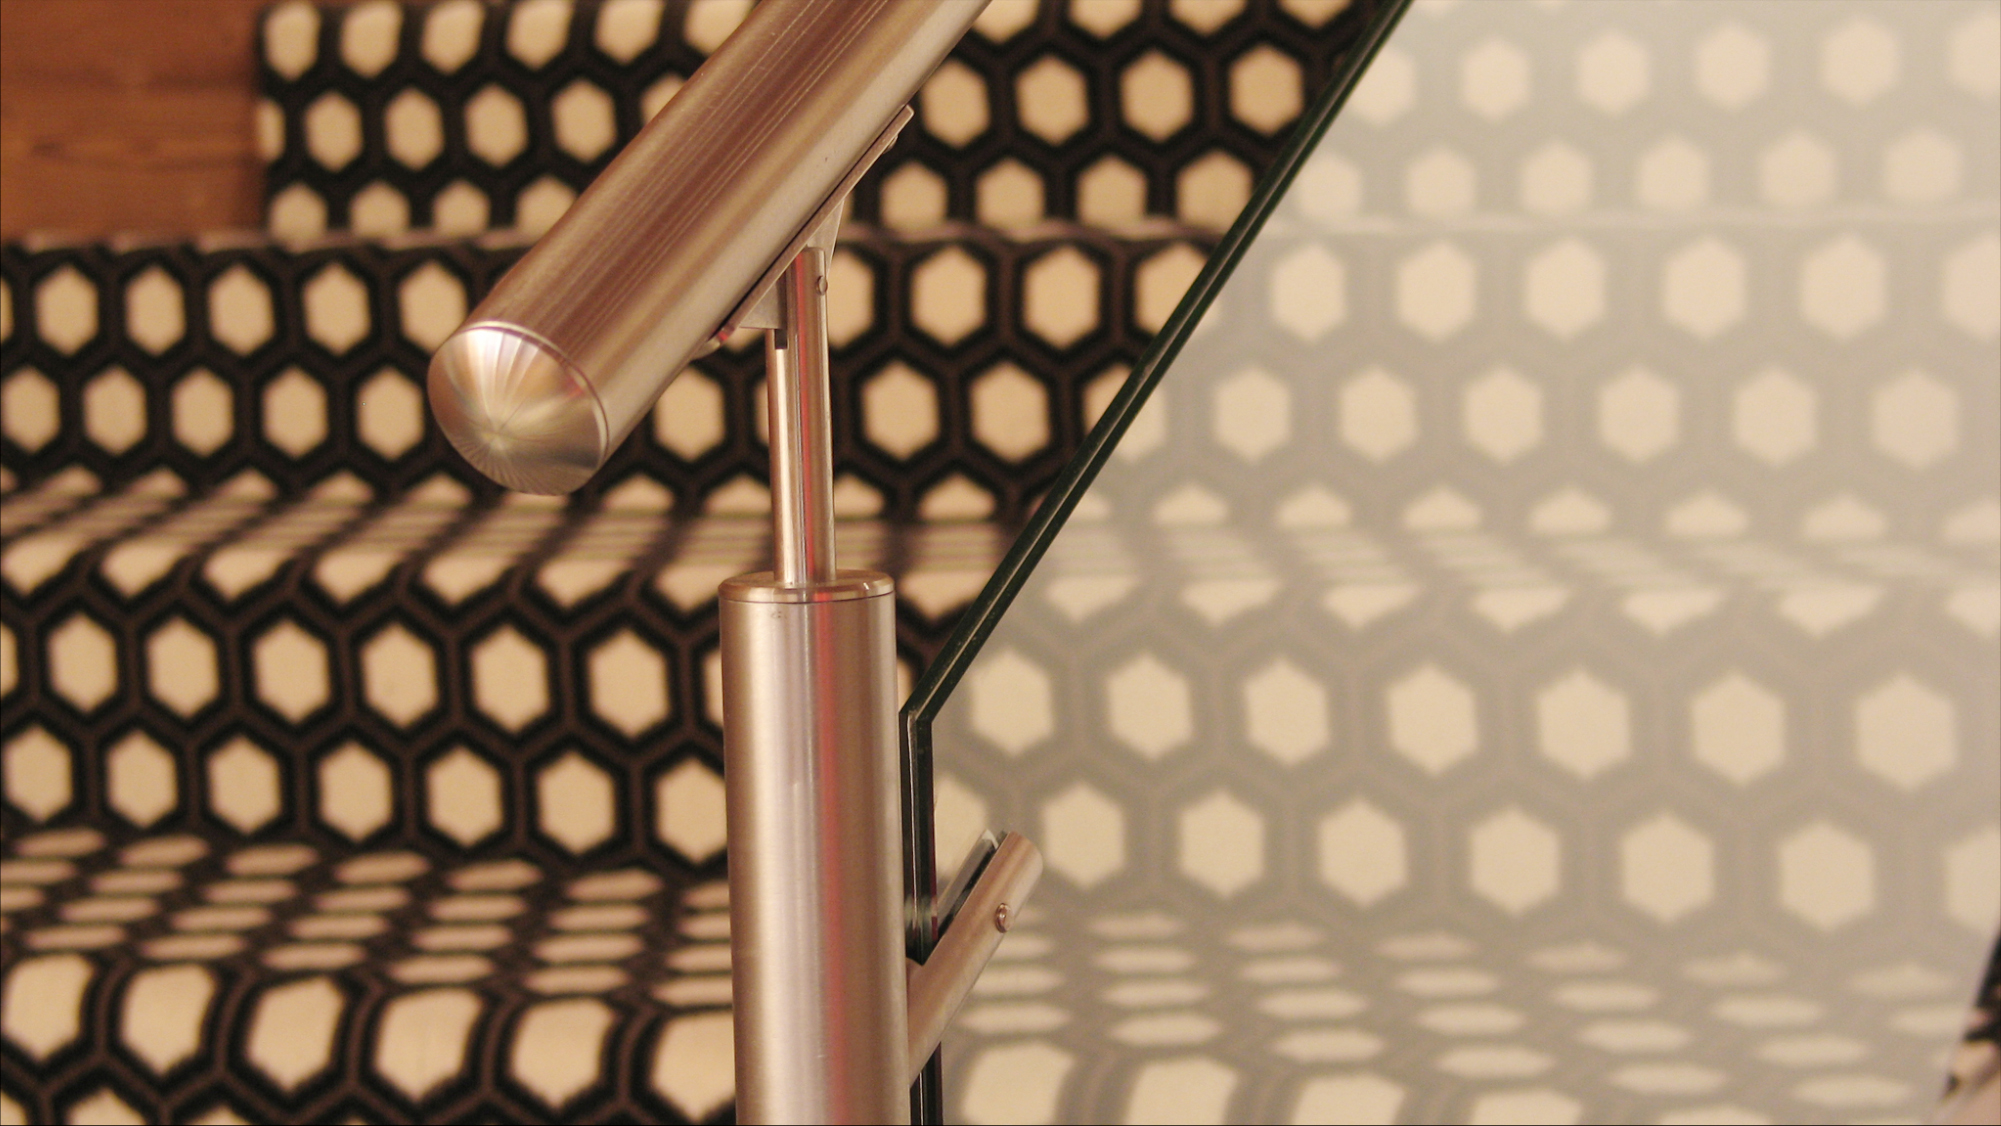 Gyger Glasgeländer 03 Metallbau Geländer Thun Bern Schweiz